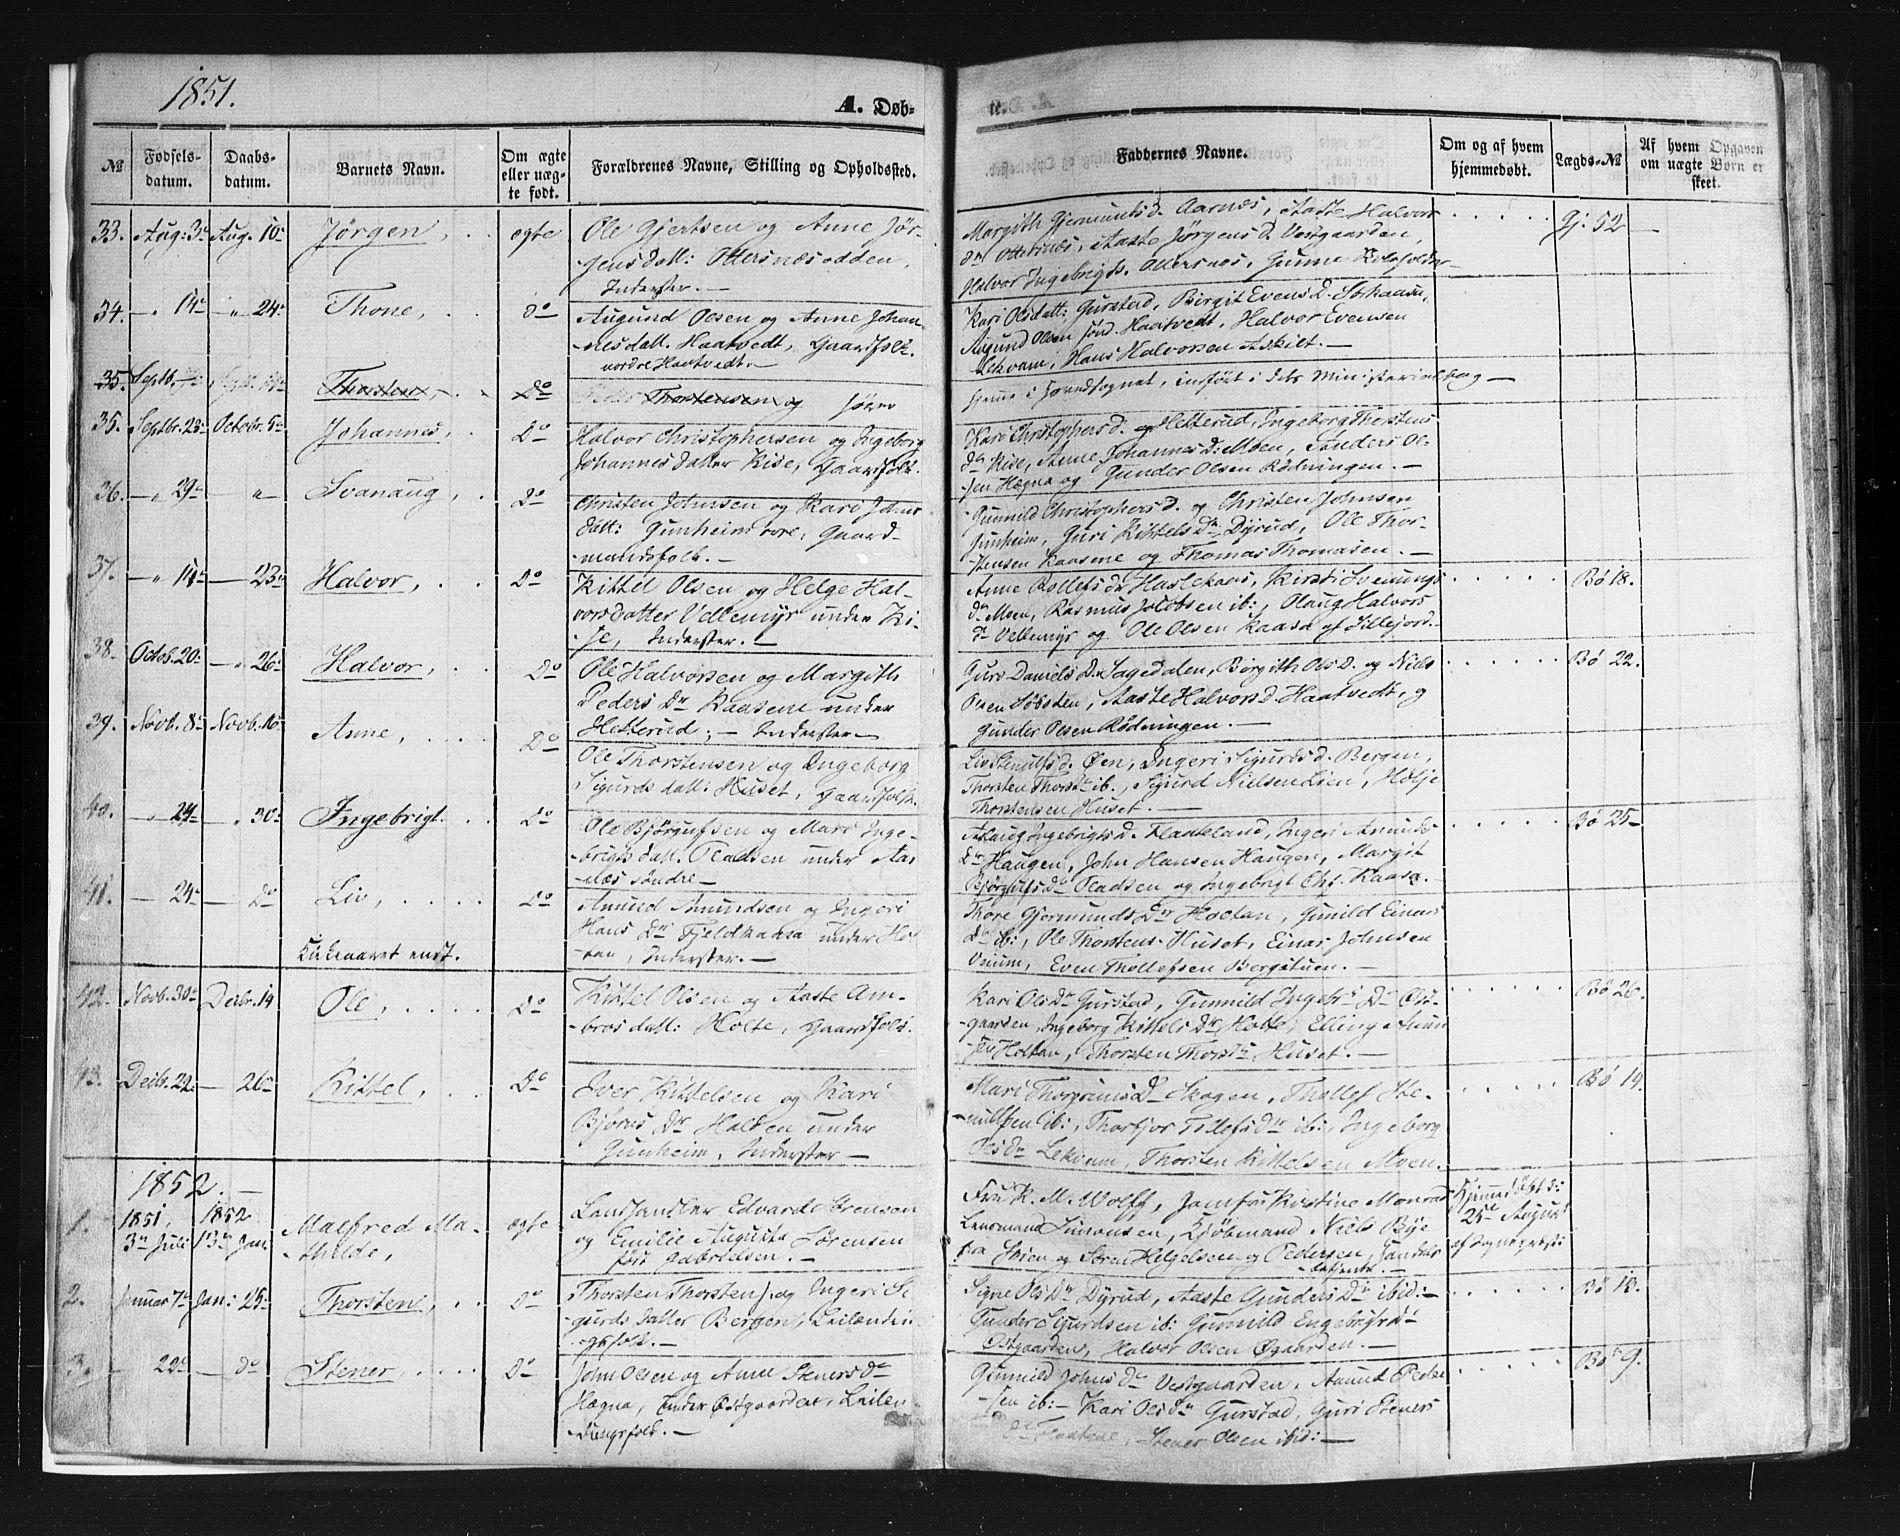 SAKO, Sauherad kirkebøker, F/Fb/L0001: Ministerialbok nr. II 1, 1851-1877, s. 3